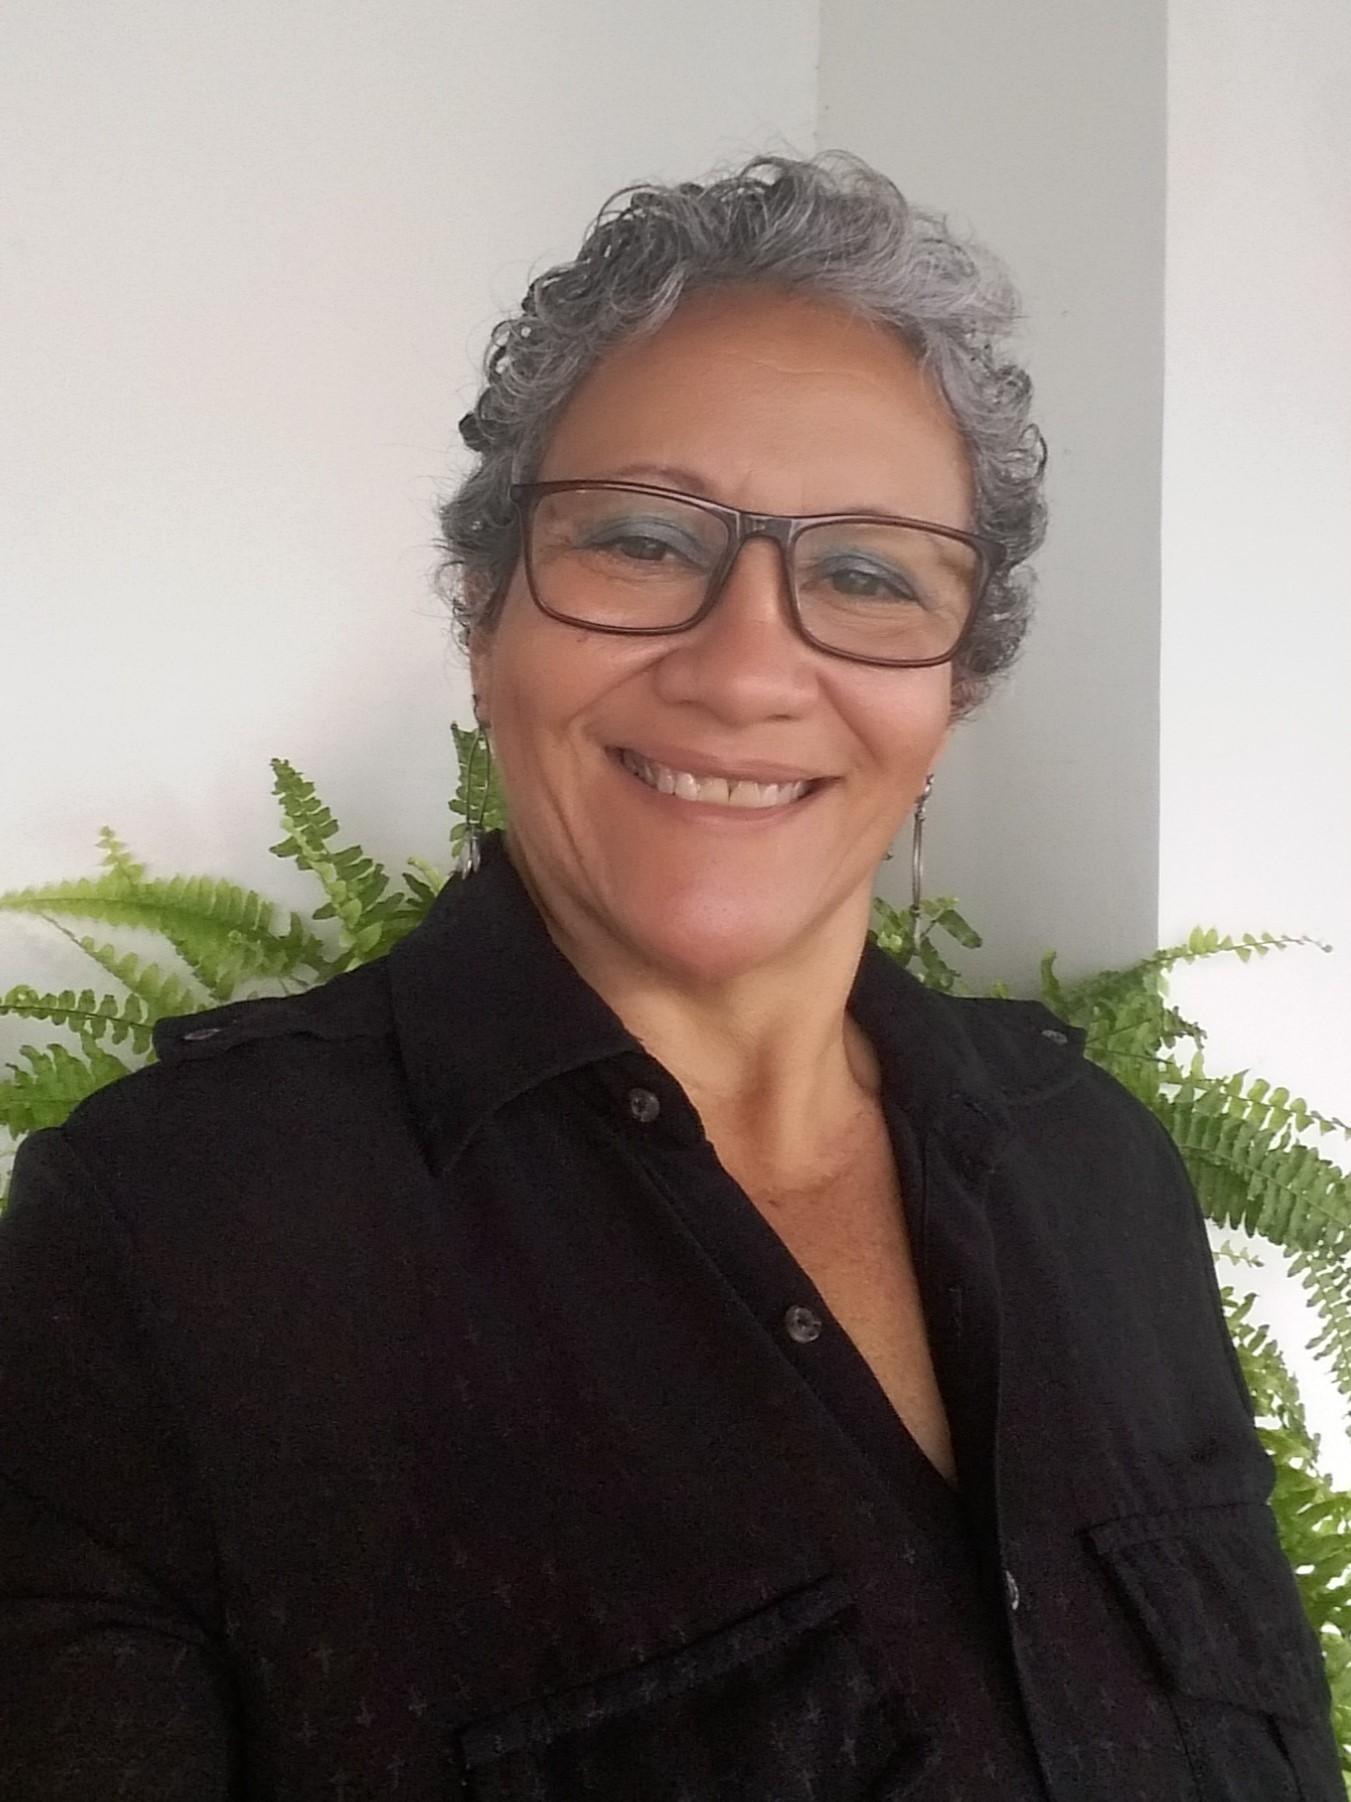 Eliana Bárbara Guimarães da Cruz